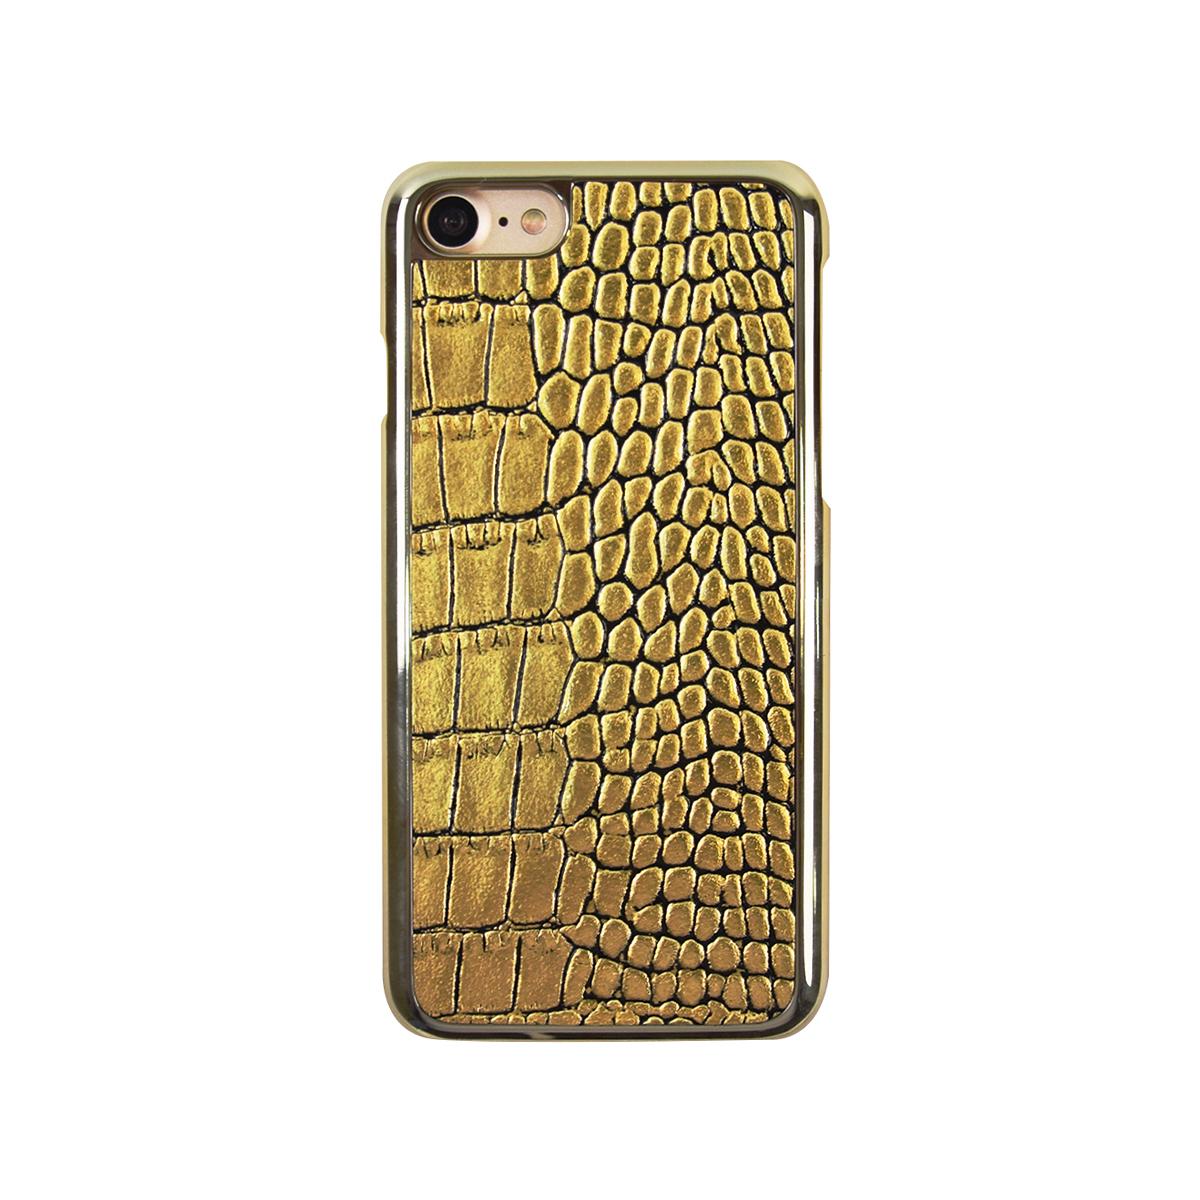 iPhone SE 第2世代 se2 ケース iPhone 8/7ケース GAZE Gold Croco Bar(ゲイズ ゴールドクロコバー)アイフォン 本革 カバー